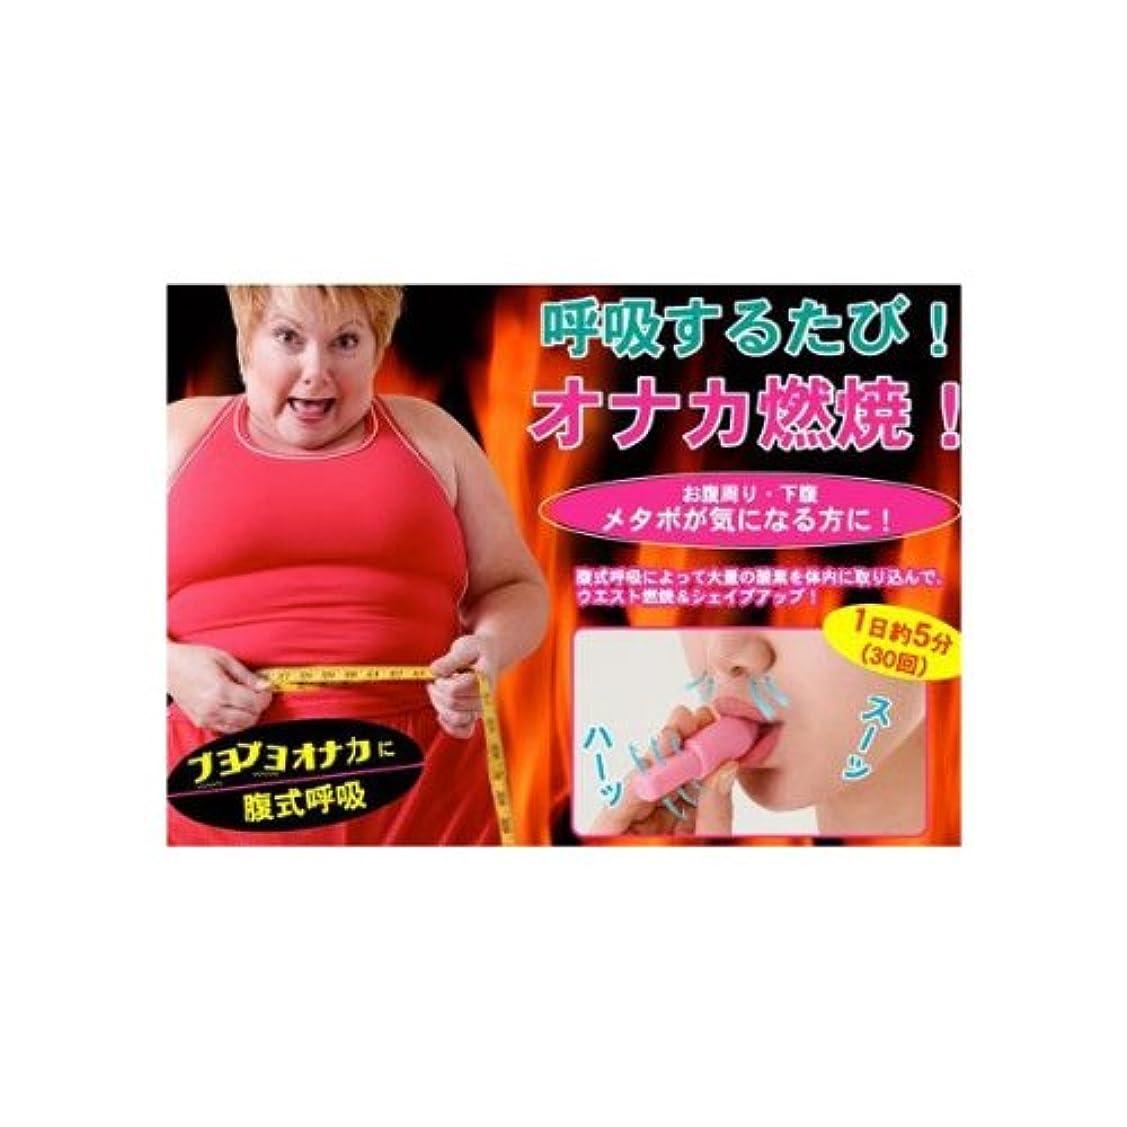 飢饉手固有の腹式呼吸によってウエスト&エクササイズ!腹式呼吸ダイエット『カロリーブレス』